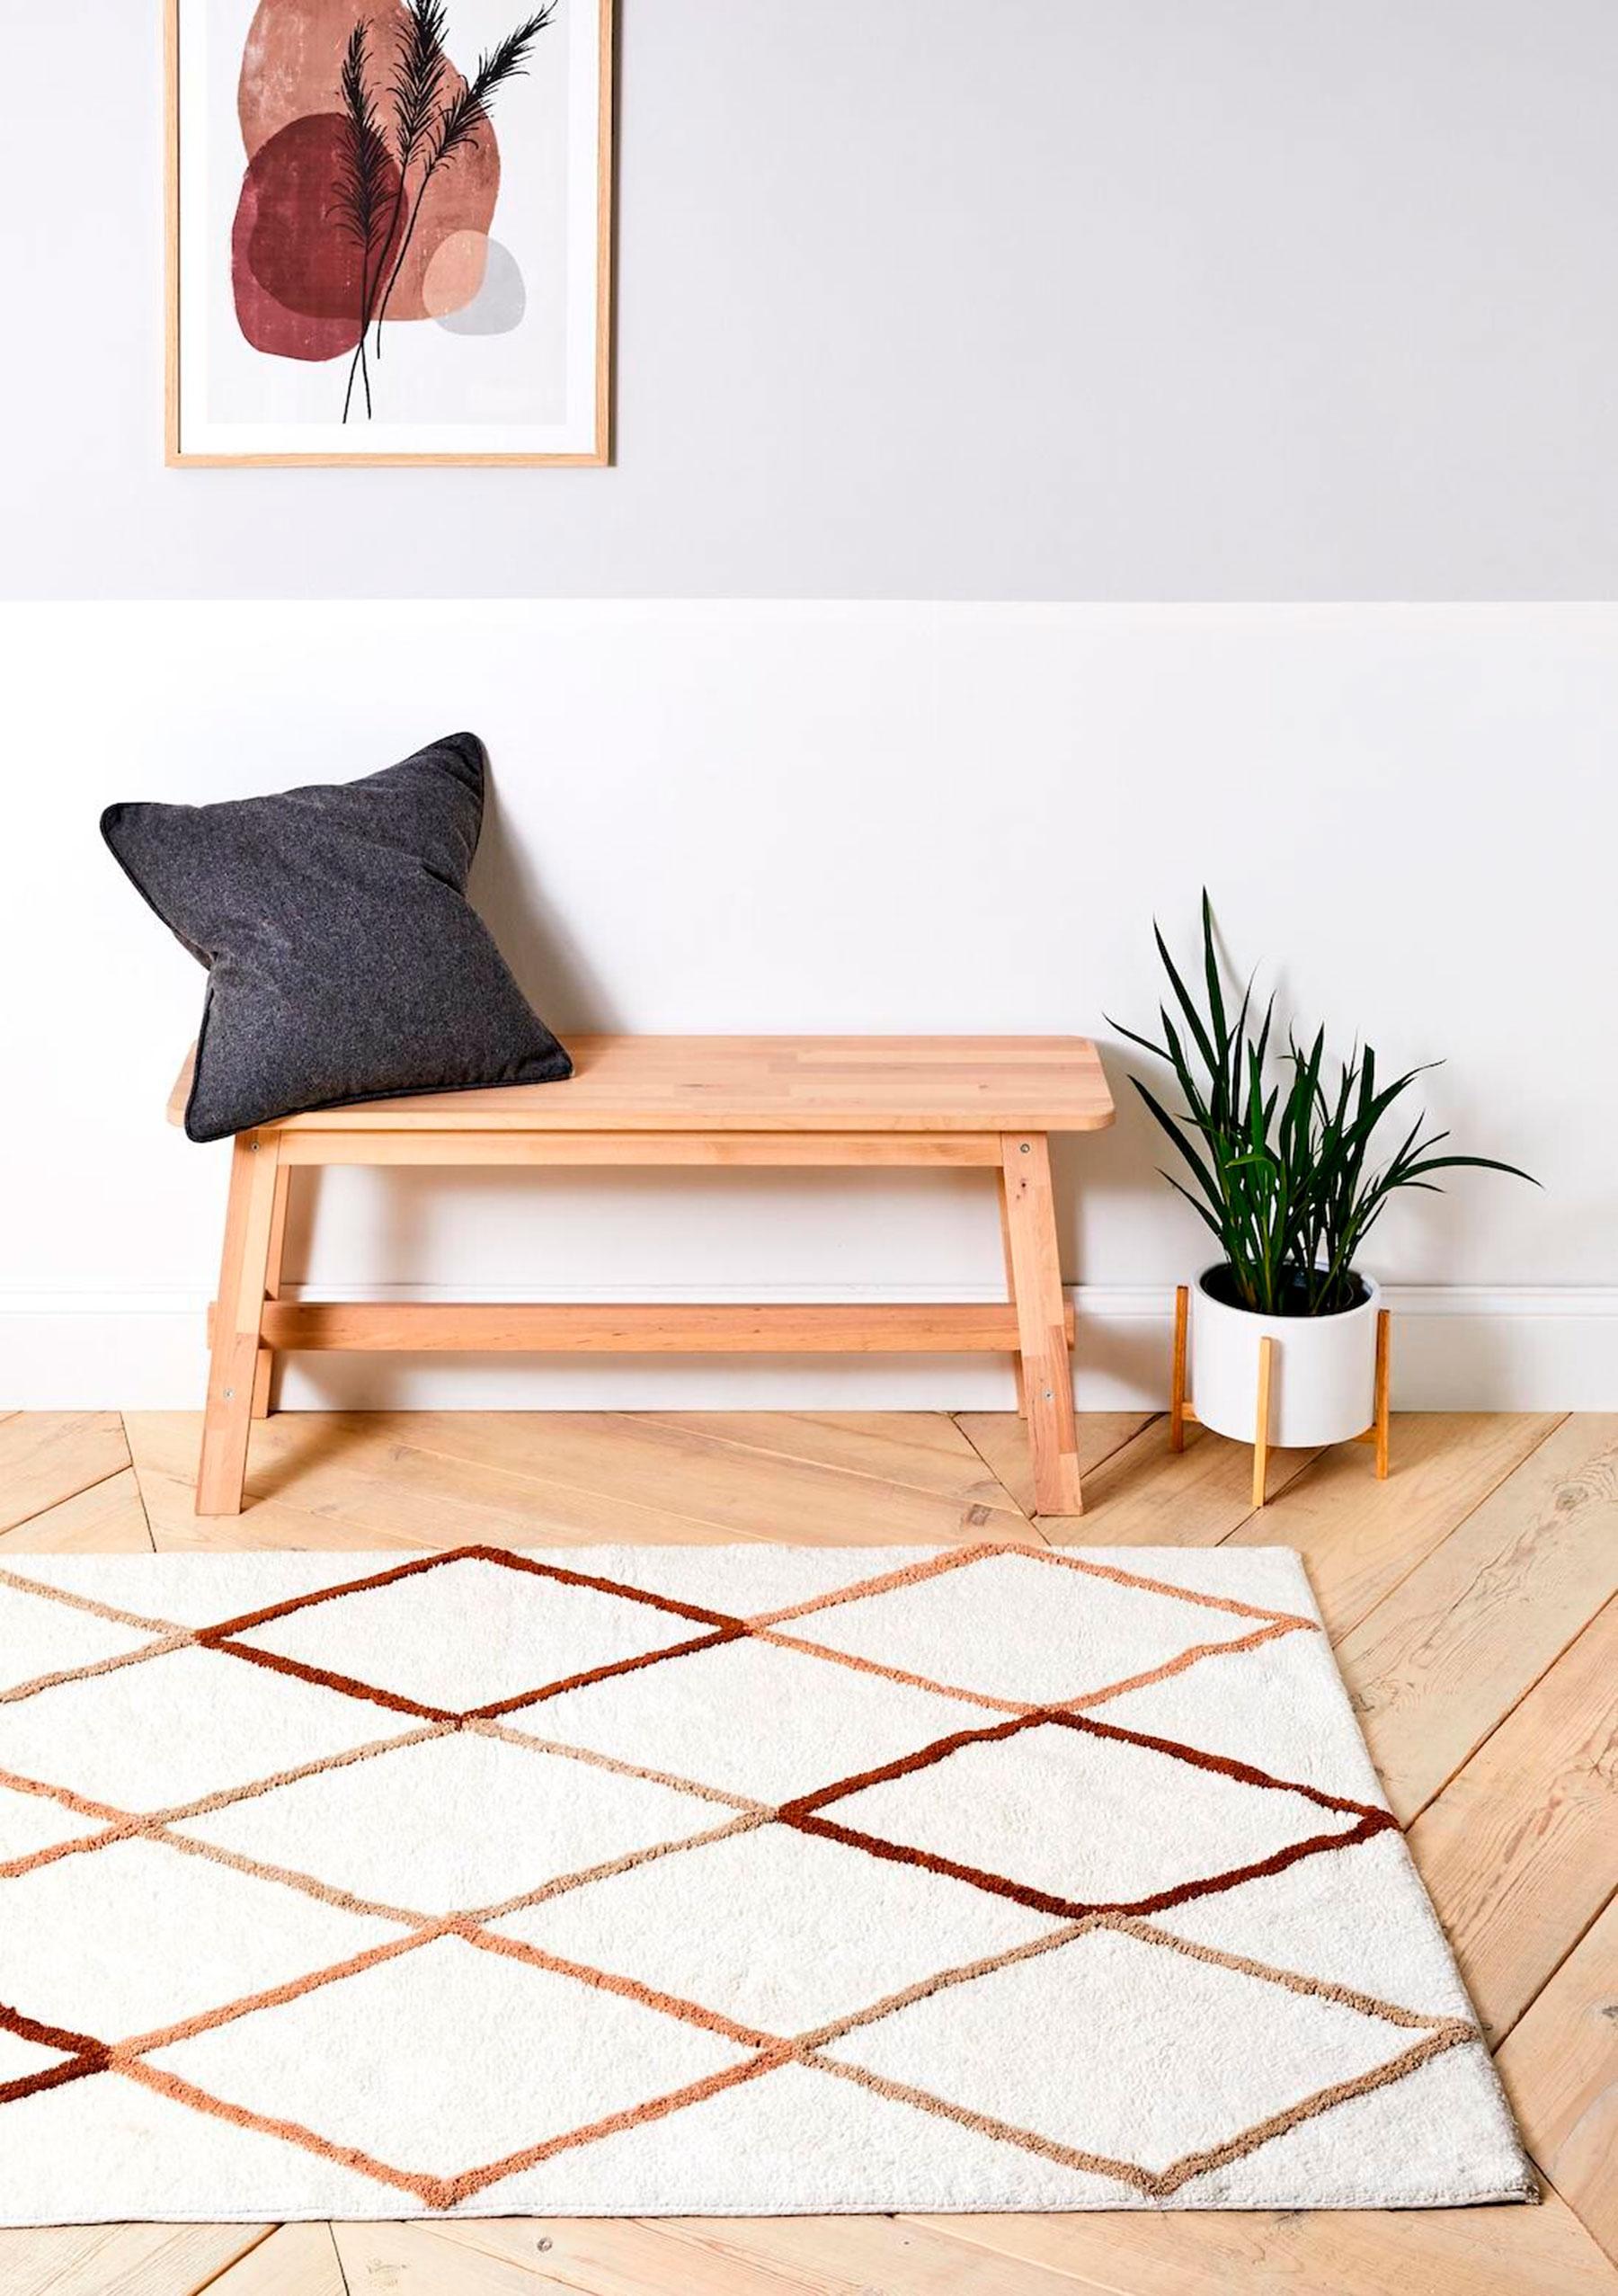 Alfombra de lana y banco de madera de la nueva colección deco de Primark / Primark